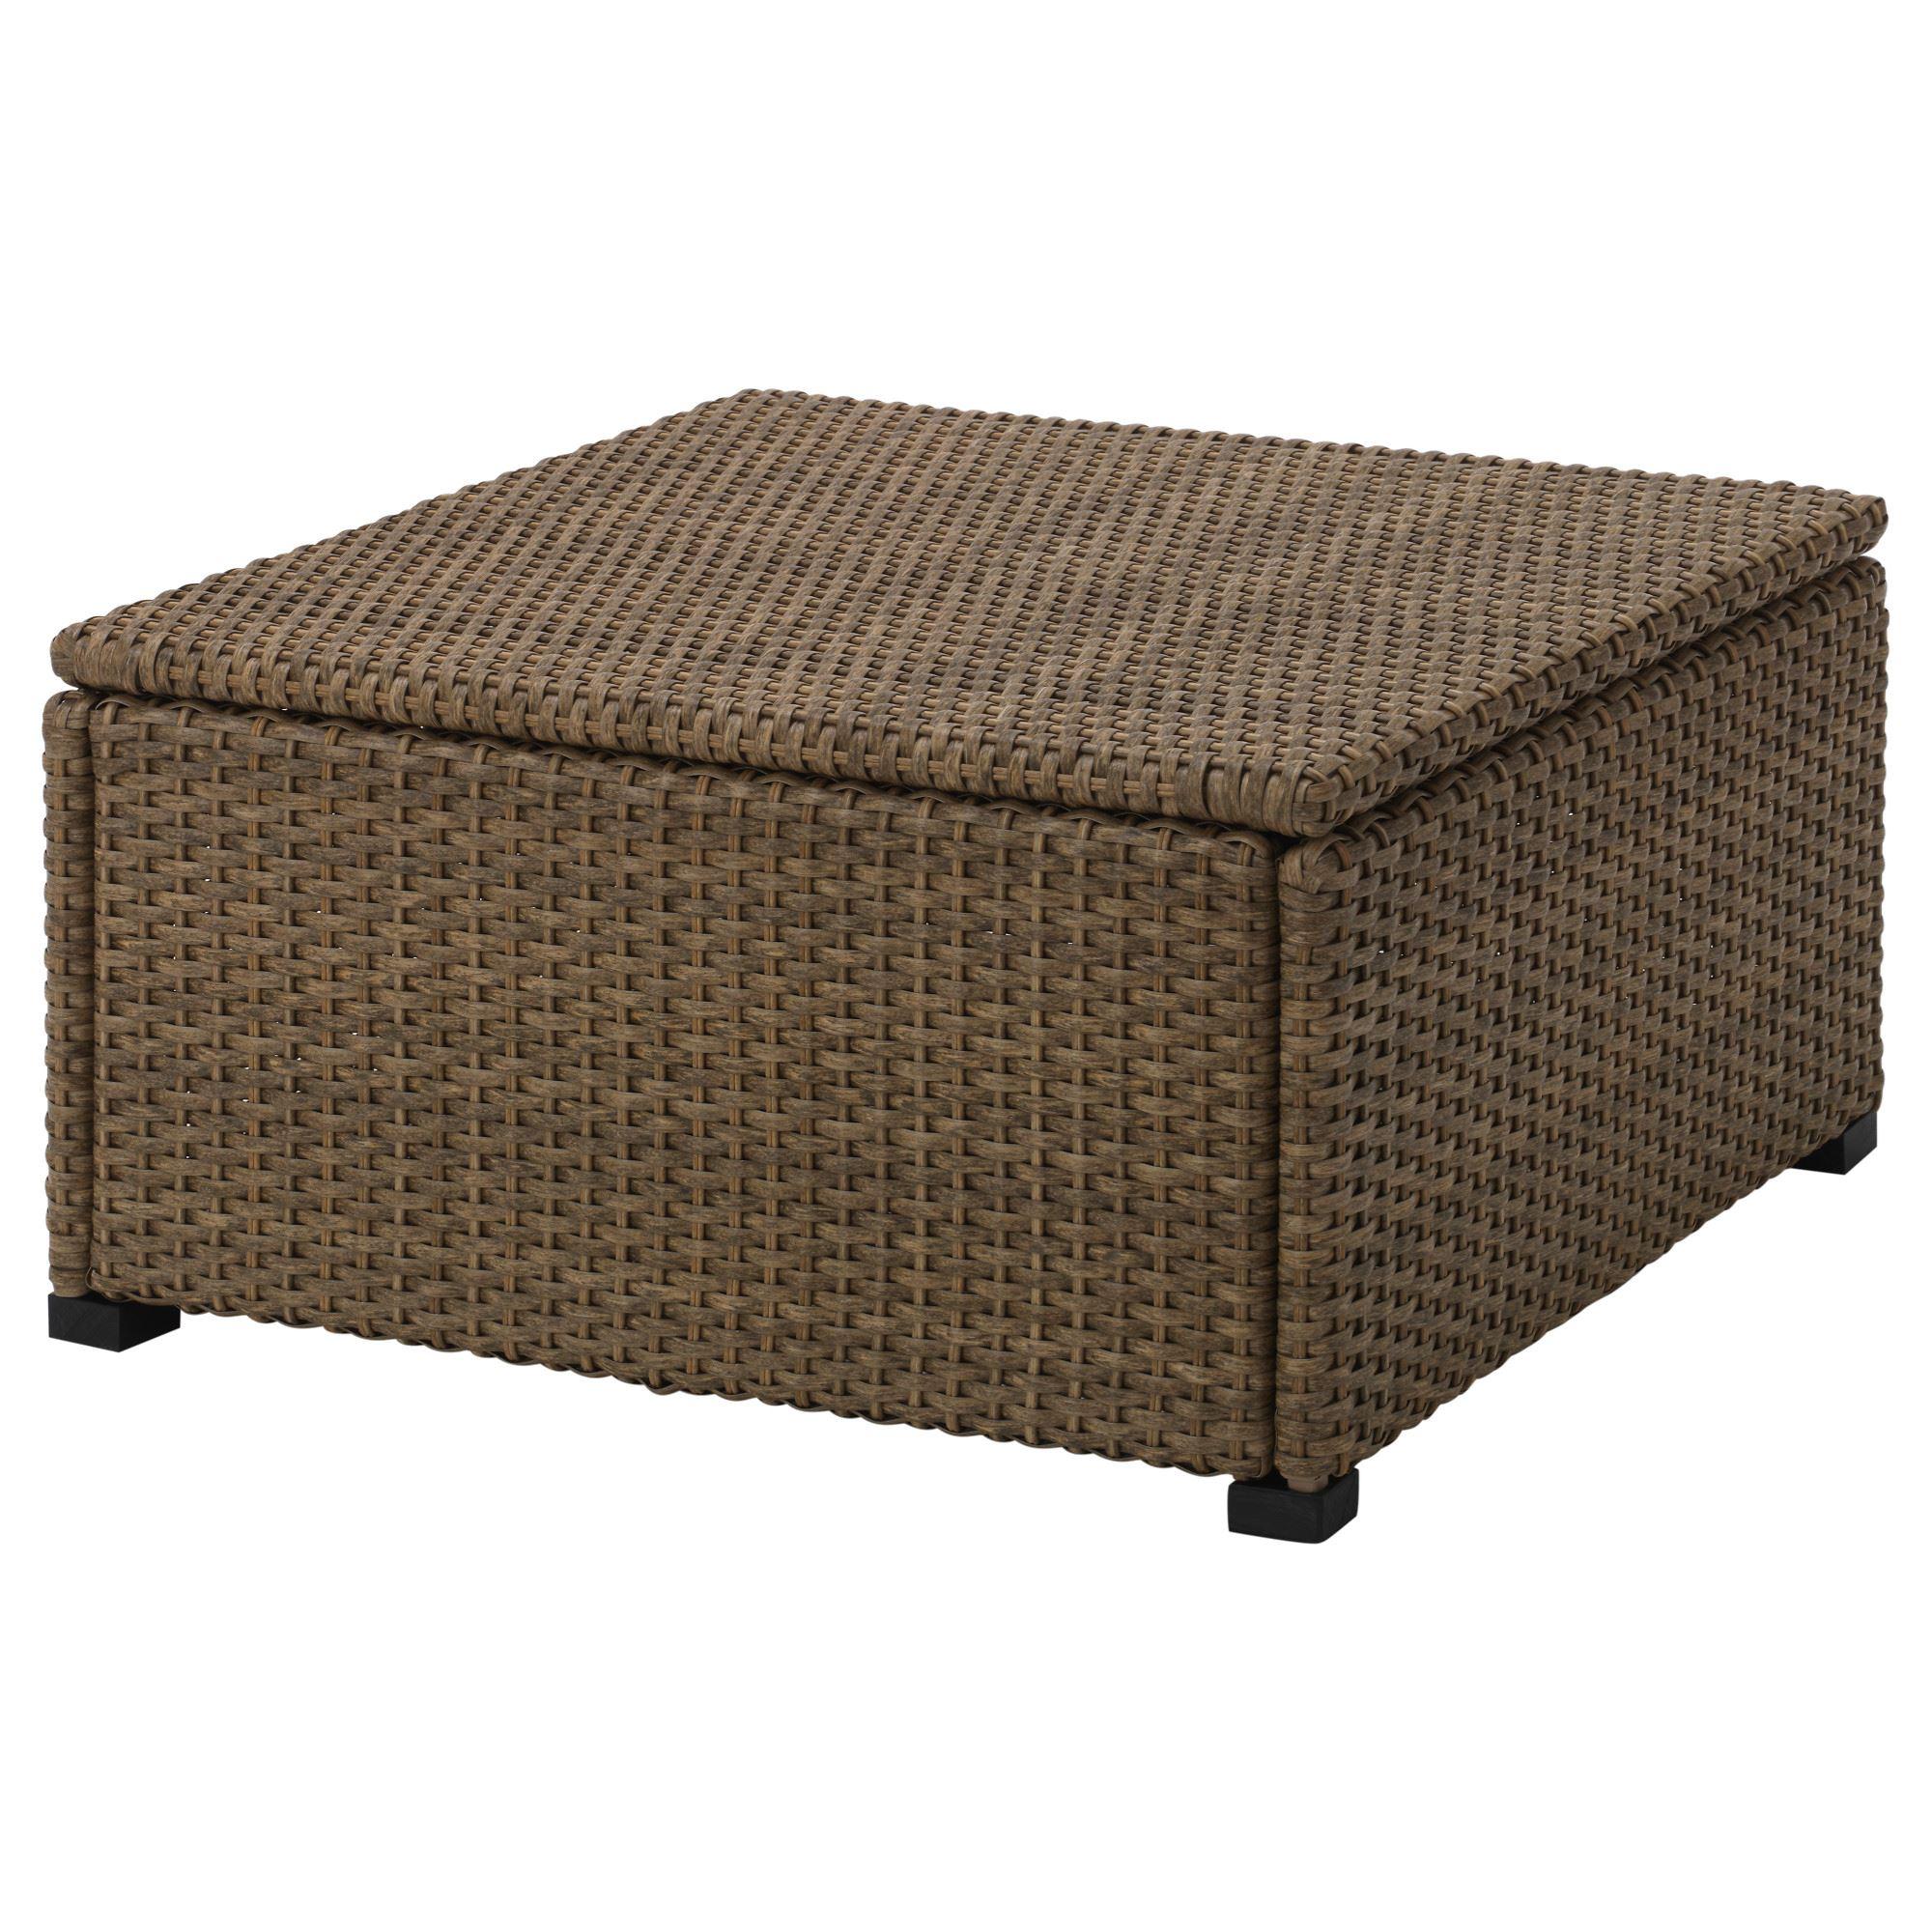 SOLLERÖN stool brown 62x62 cm | IKEA Outdoor